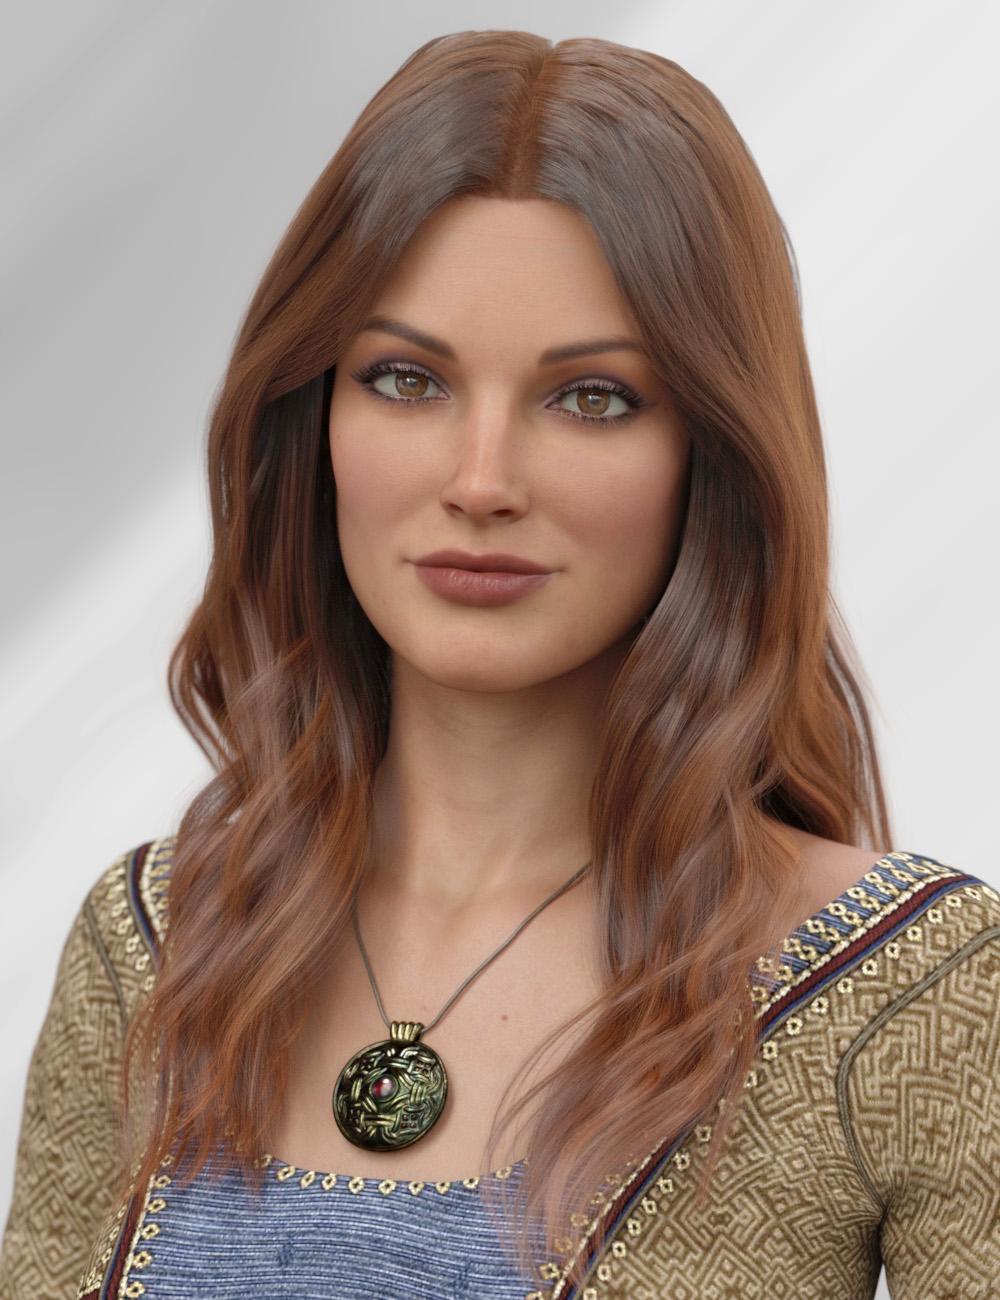 dForce Kensington Hair for Genesis 8 and 8.1 Females by: PhilW, 3D Models by Daz 3D